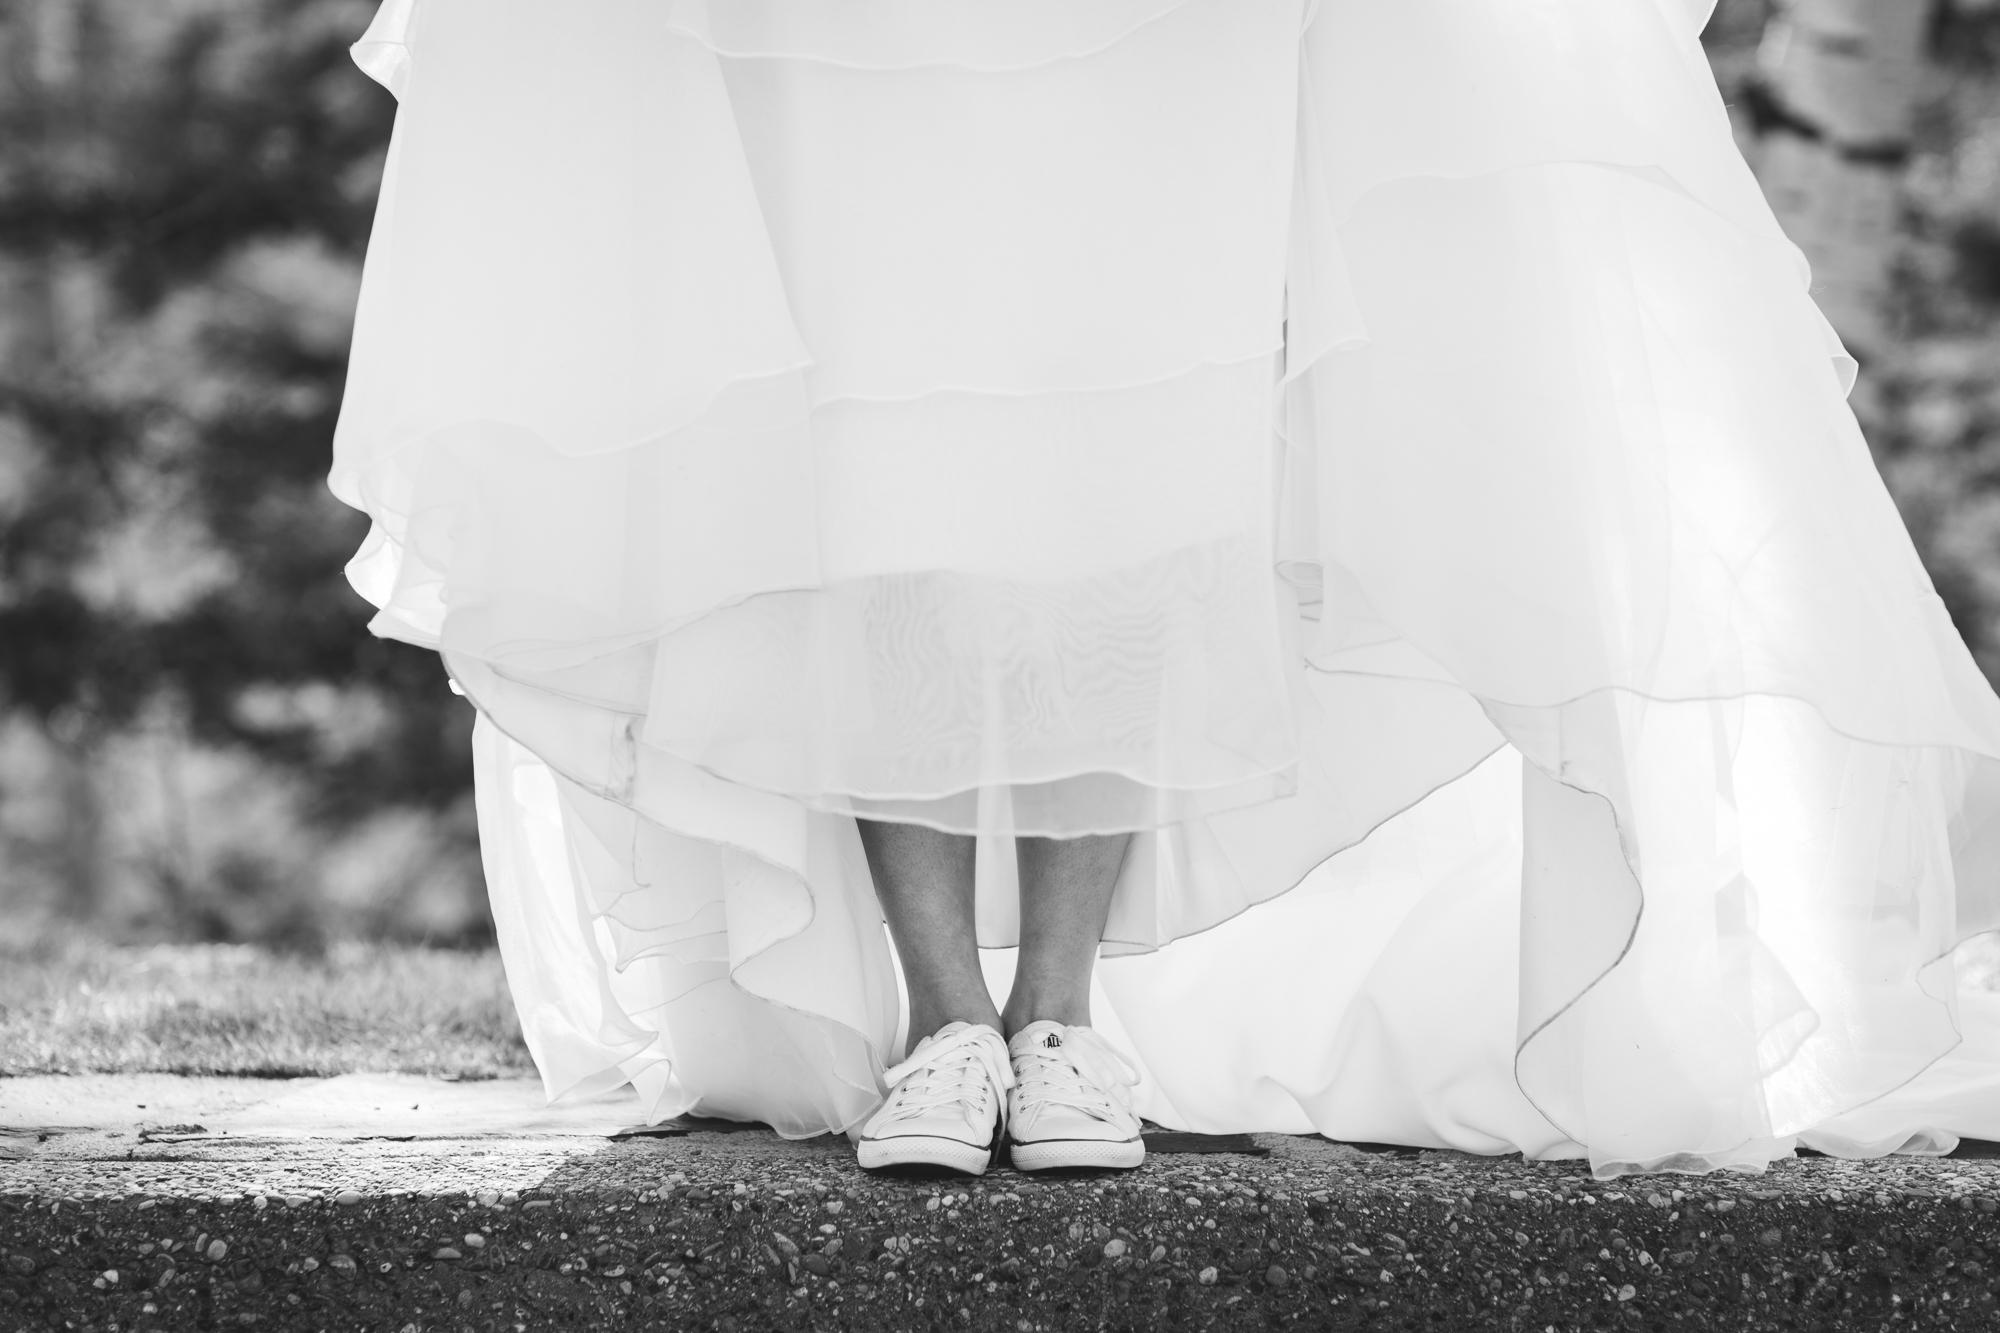 calgary-wedding-photographer-deanna-rachel-sr-1-3.jpg